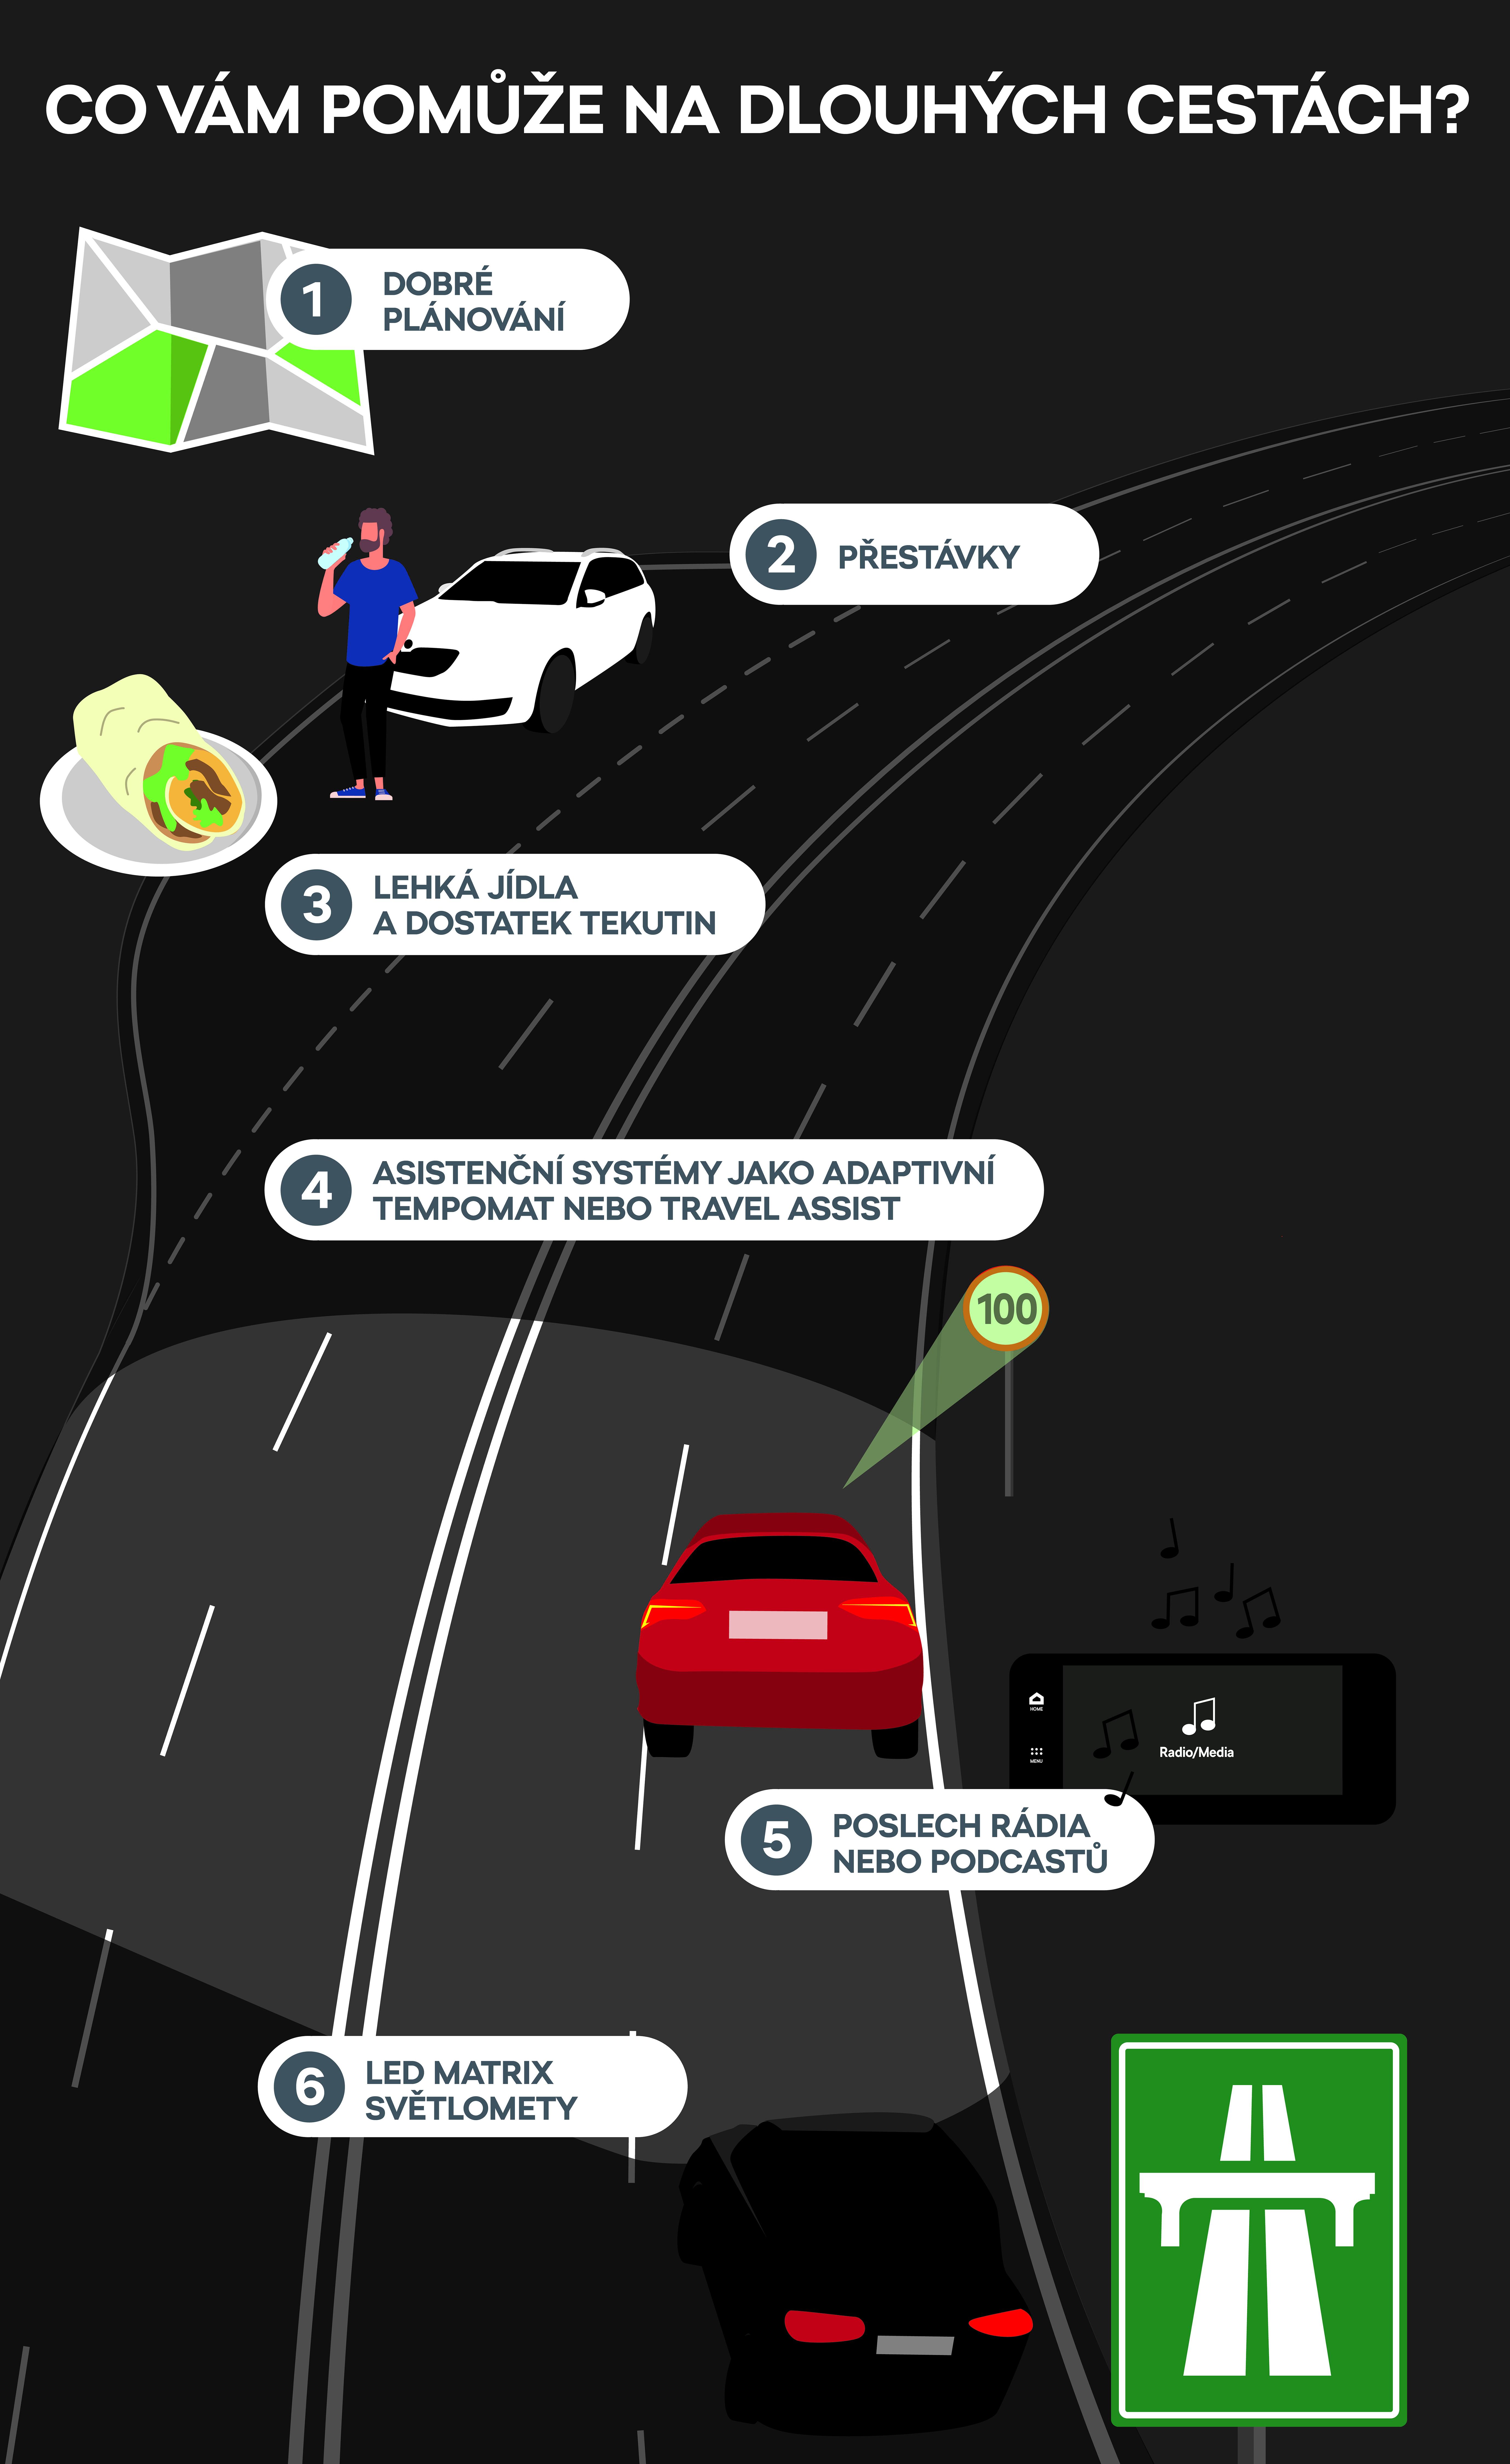 SKODA_bezpecnost_infografika_dalnice